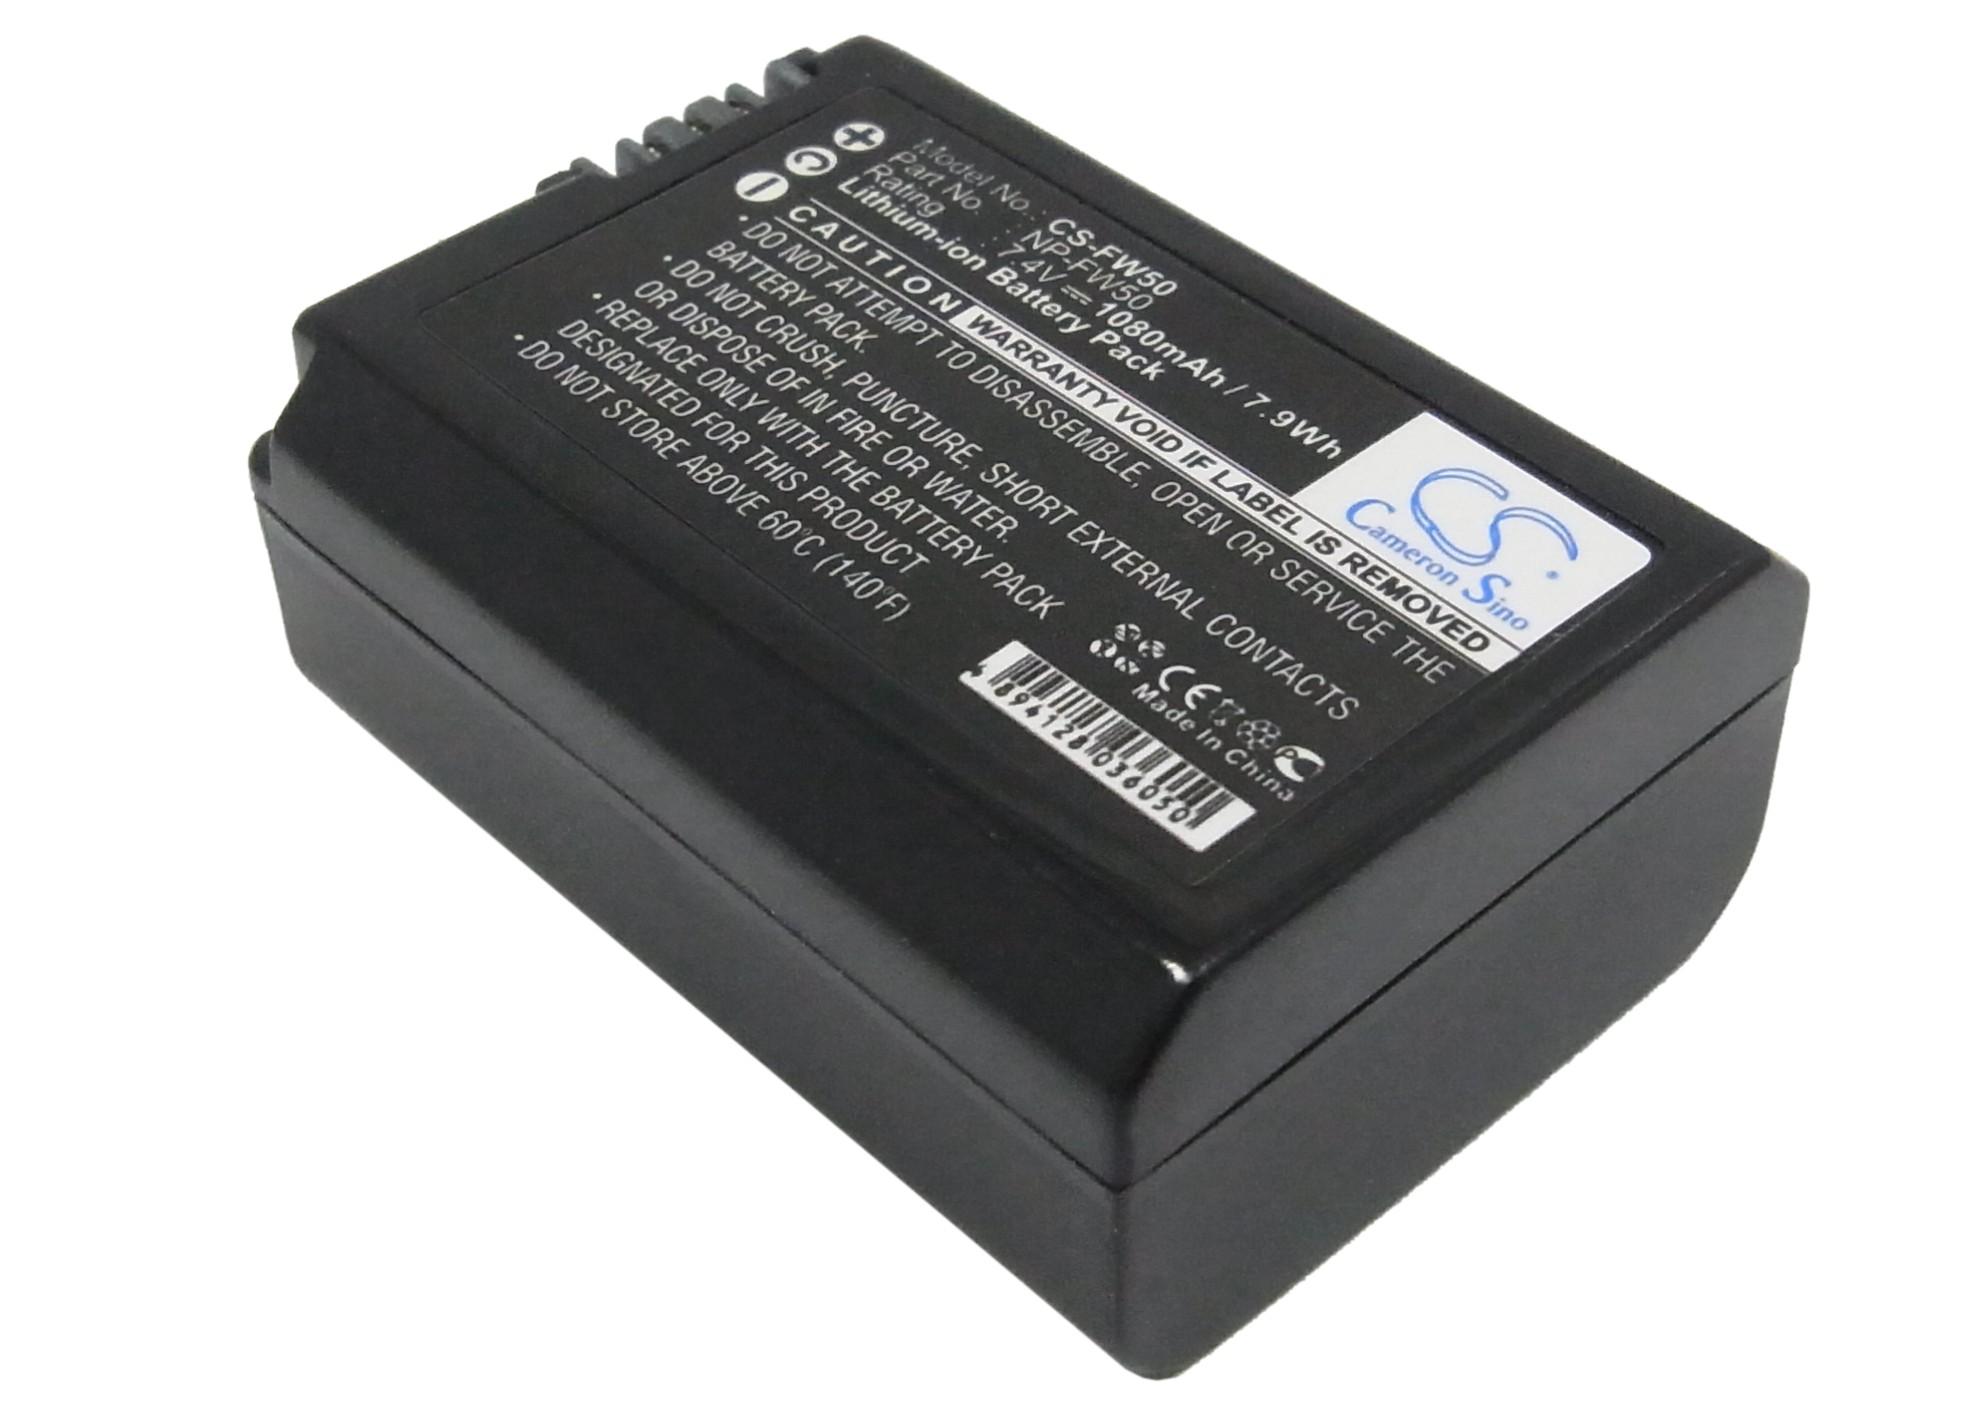 Cameron Sino baterie do kamer a fotoaparátů pro SONY Alpha 55V 7.4V Li-ion 1080mAh černá - neoriginální